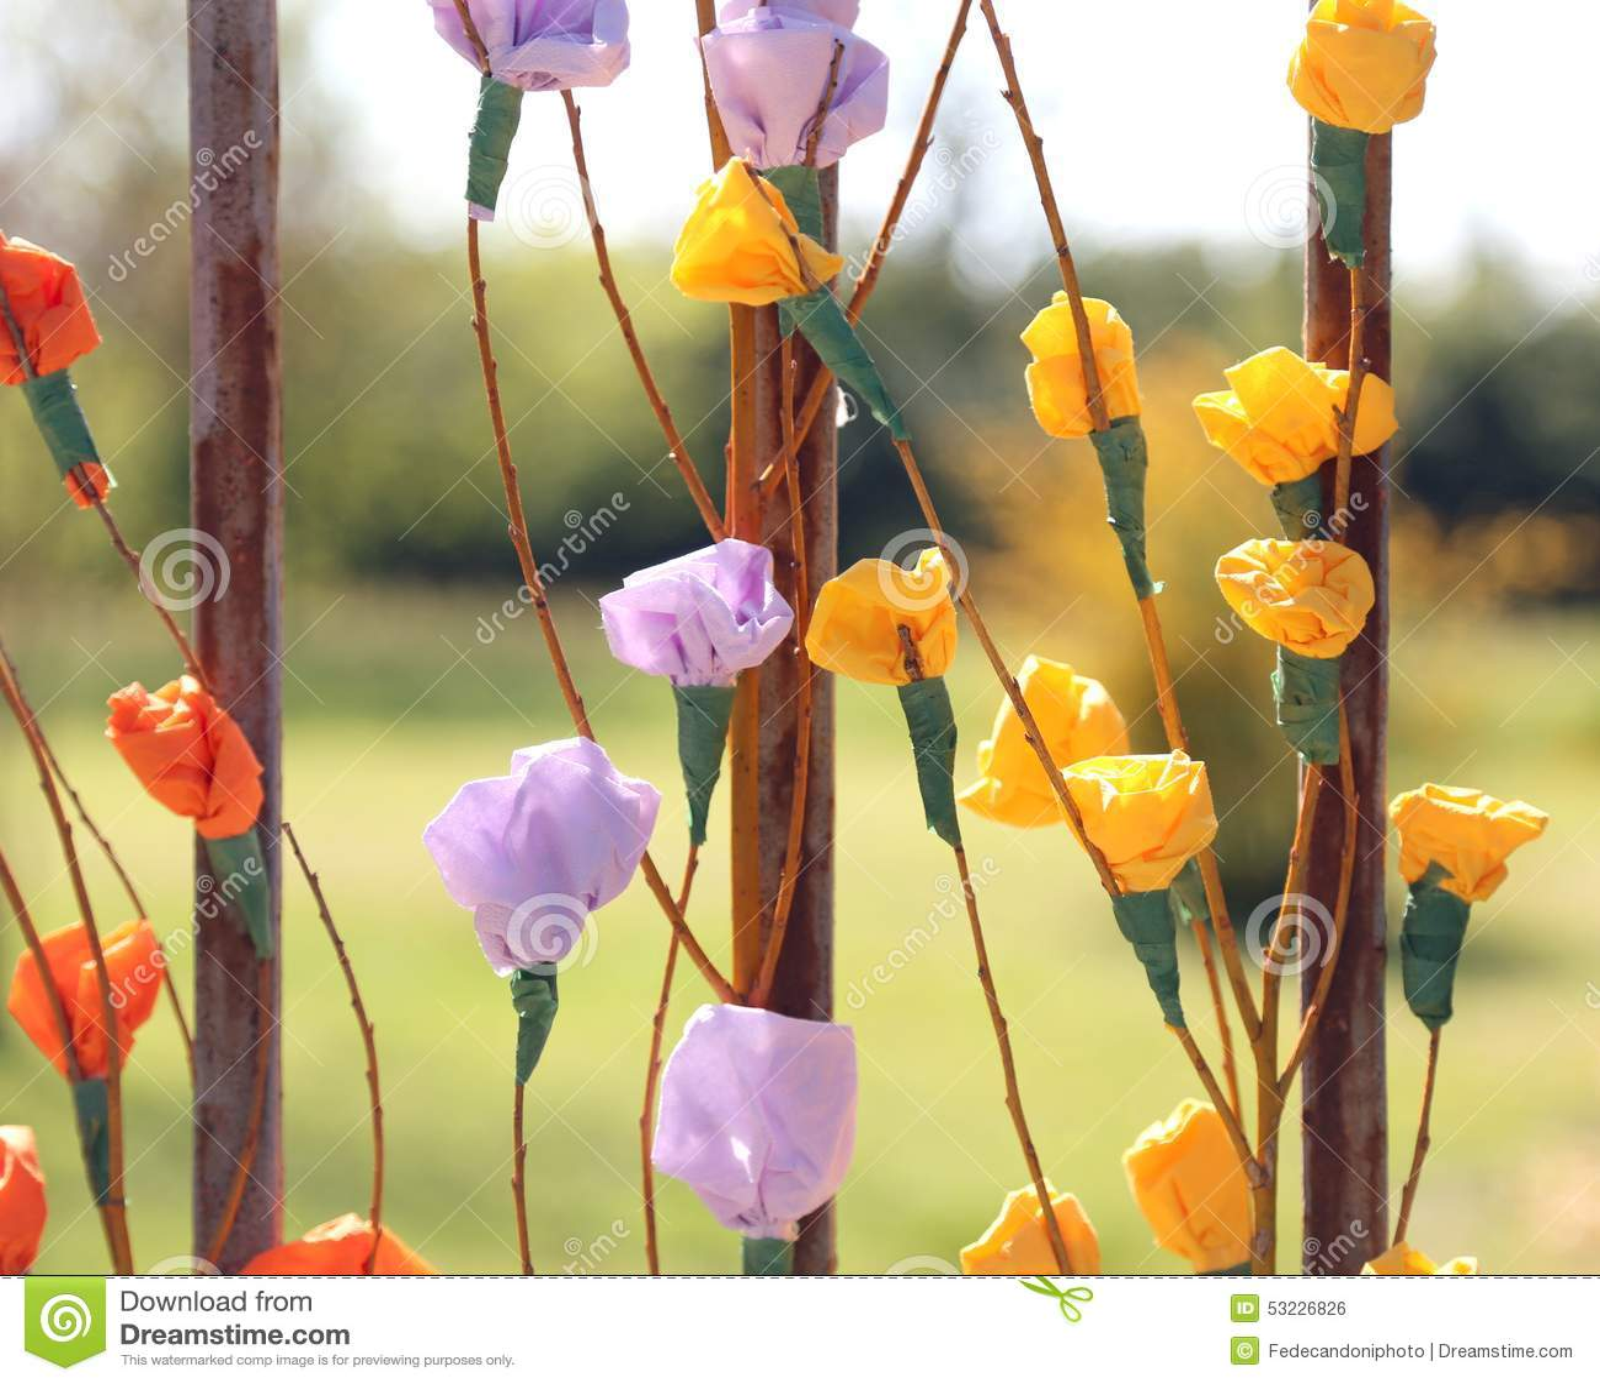 Flores coloridas y rosas hechas del papel